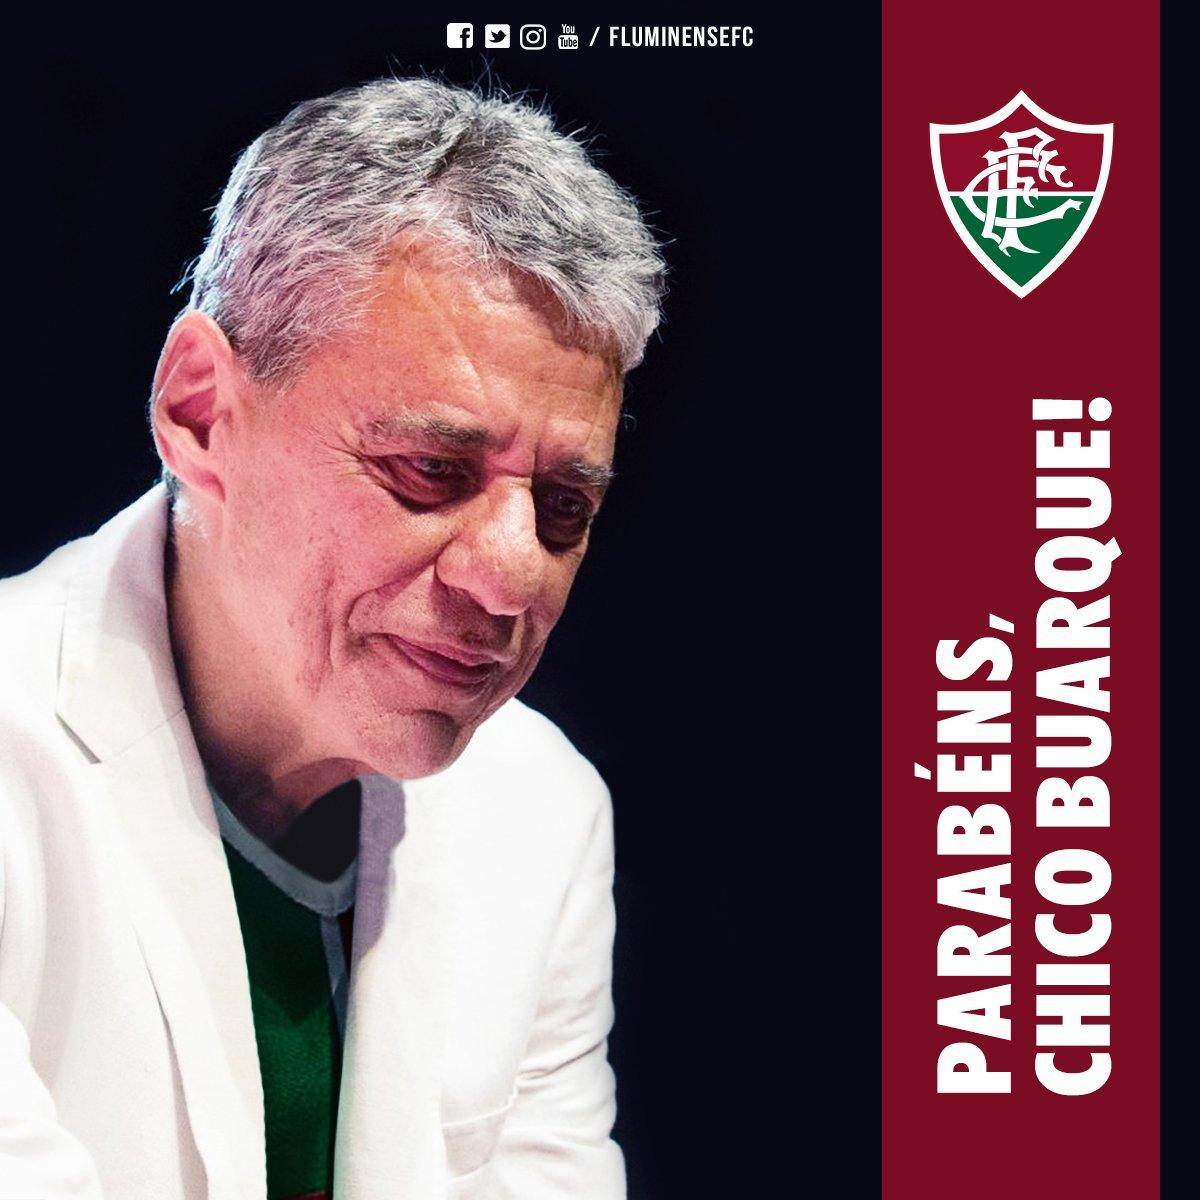 Cantor, compositor, dramaturgo, escritor e #TricolorDeCoração, Chico Buarque completa 73 anos hoje. Feliz aniversário! #SomosFluminense